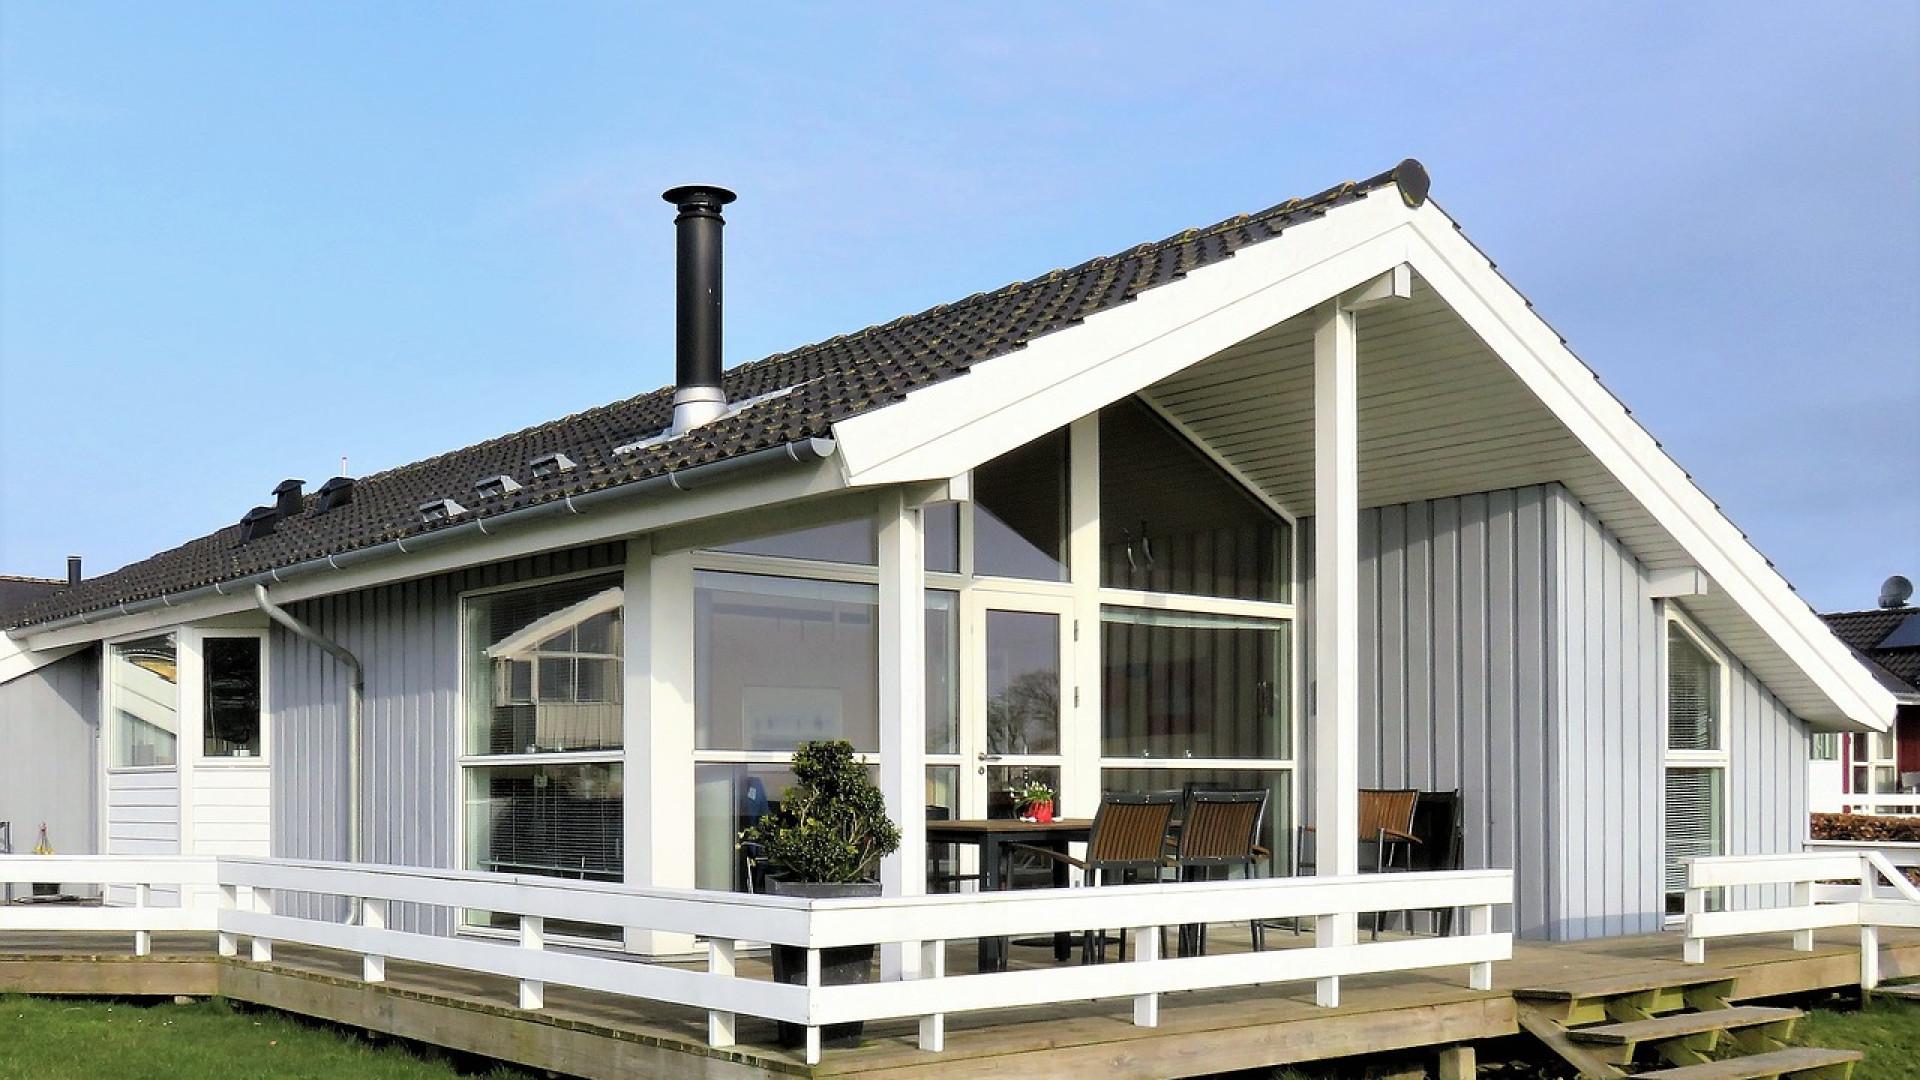 Pourquoi faire le choix d'une maison toit terrasse ?